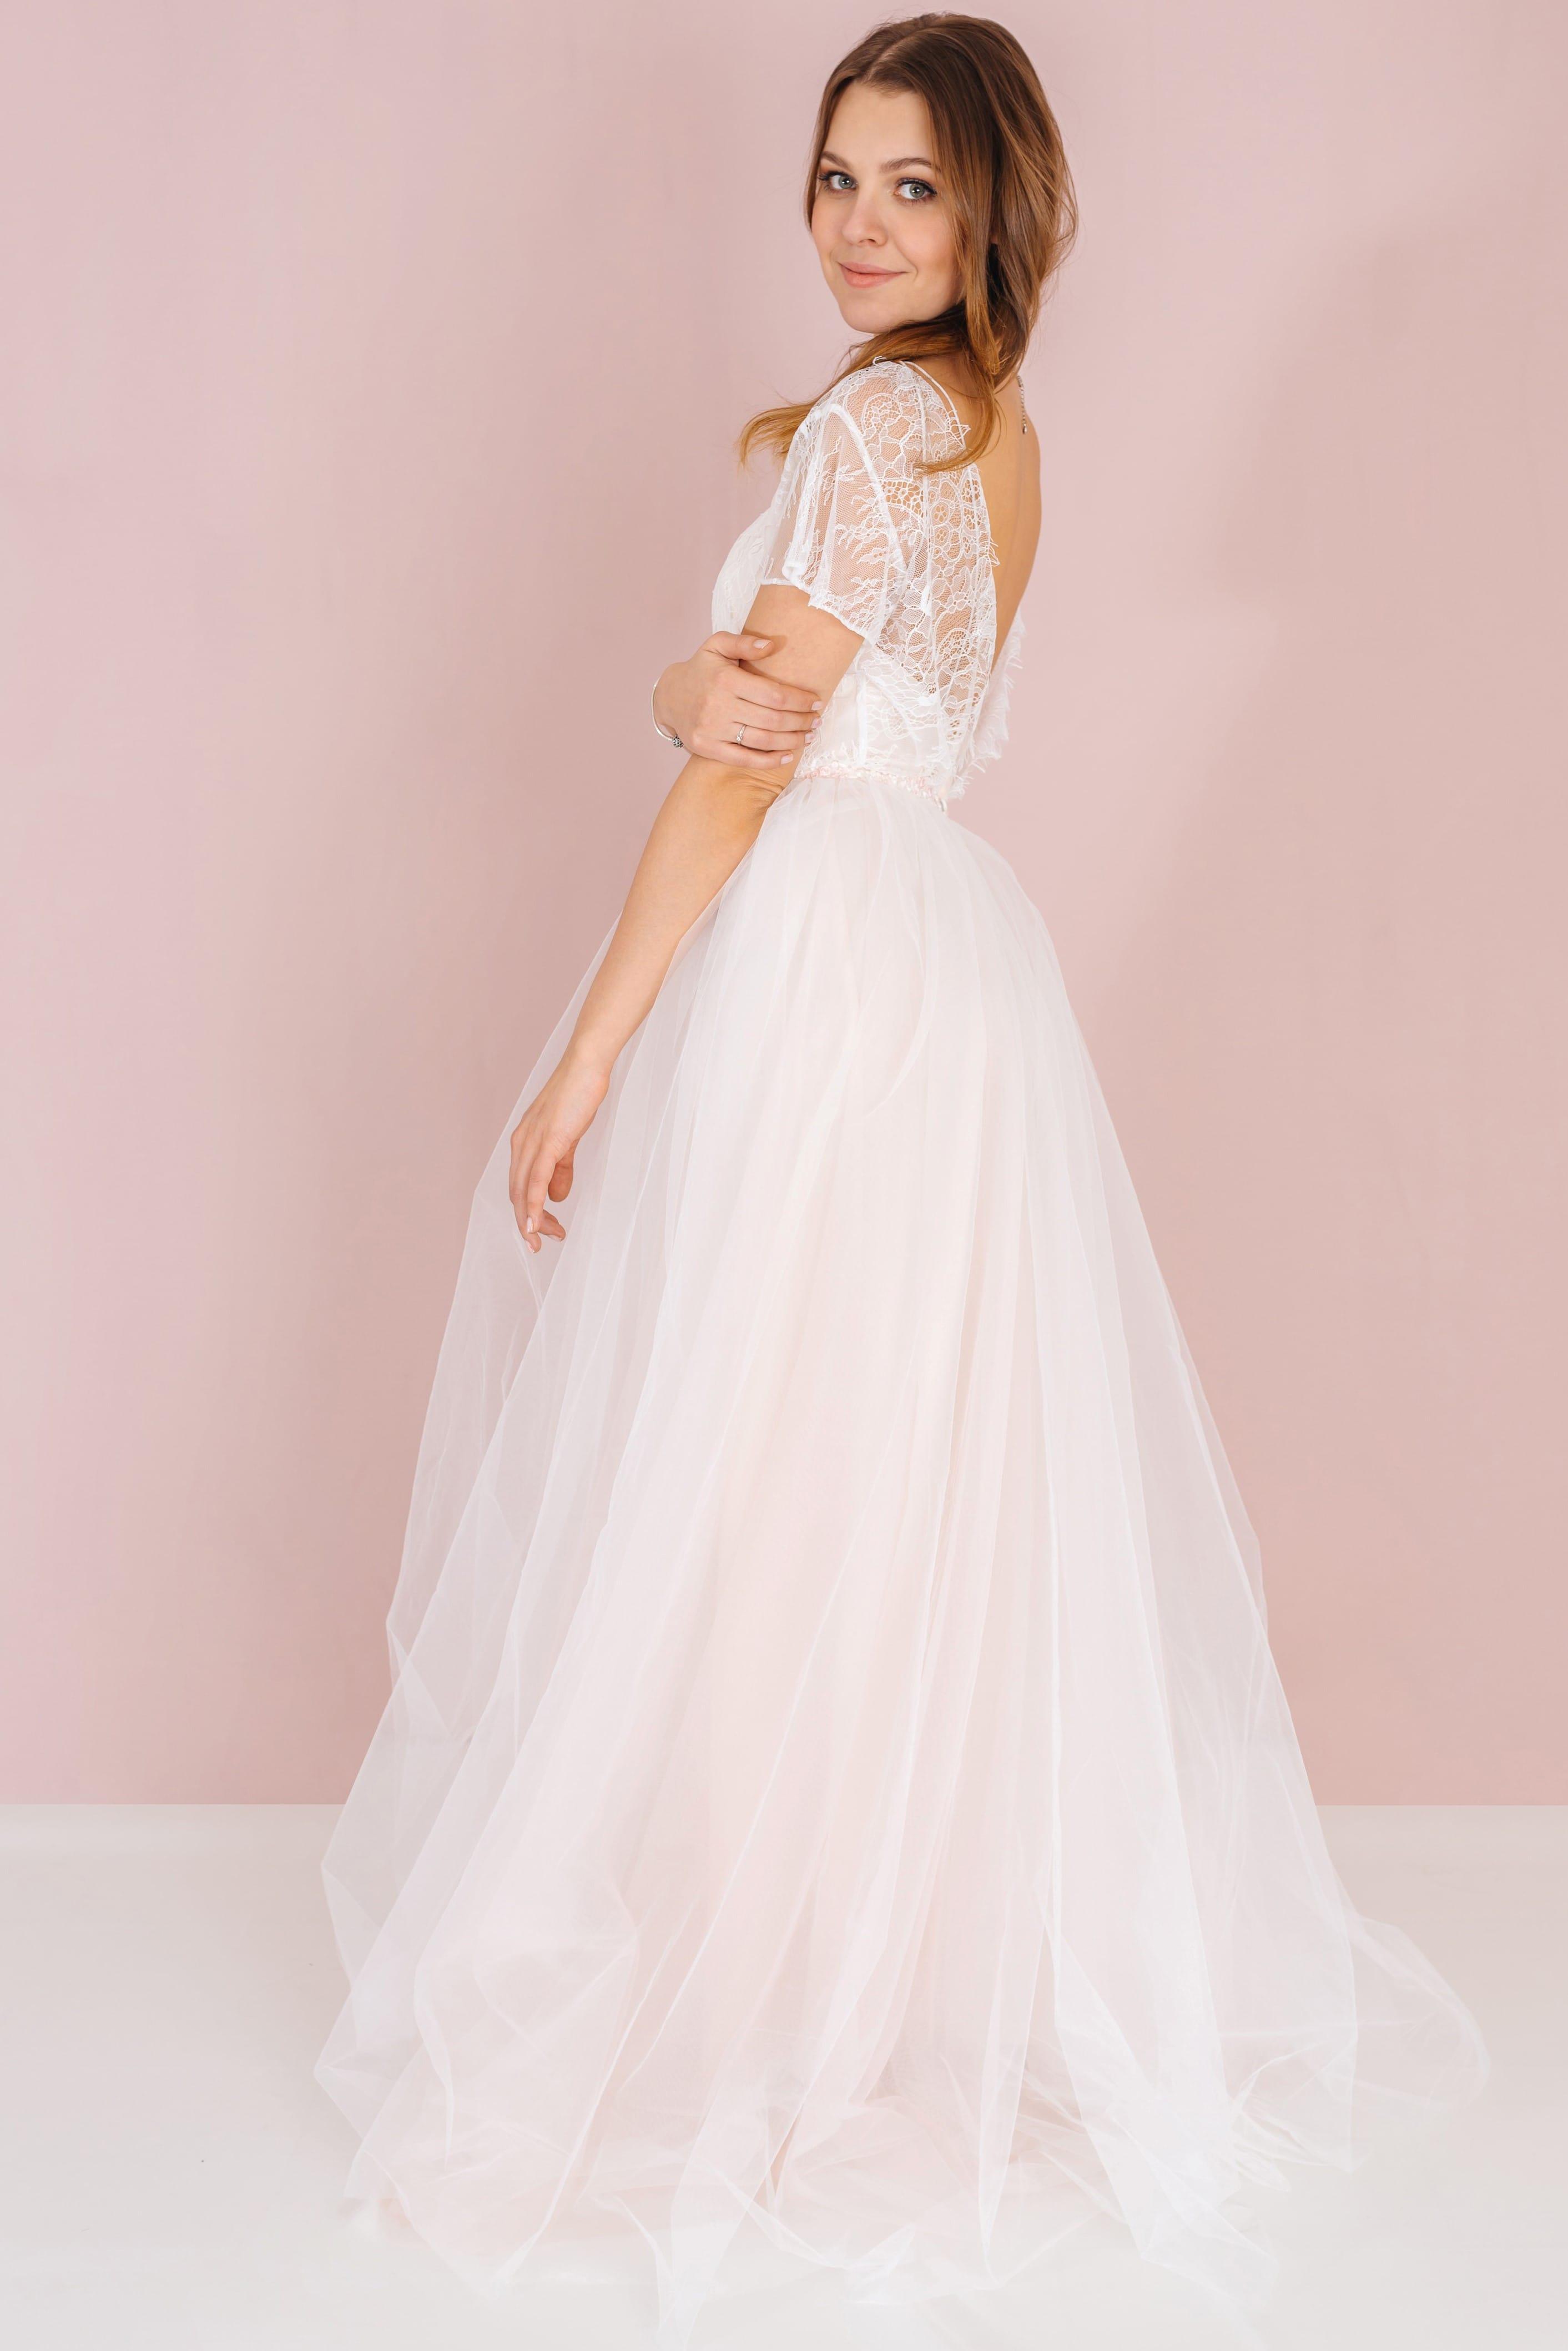 Свадебное платье AMELIA, коллекция LOFT, бренд RARE BRIDAL, фото 2